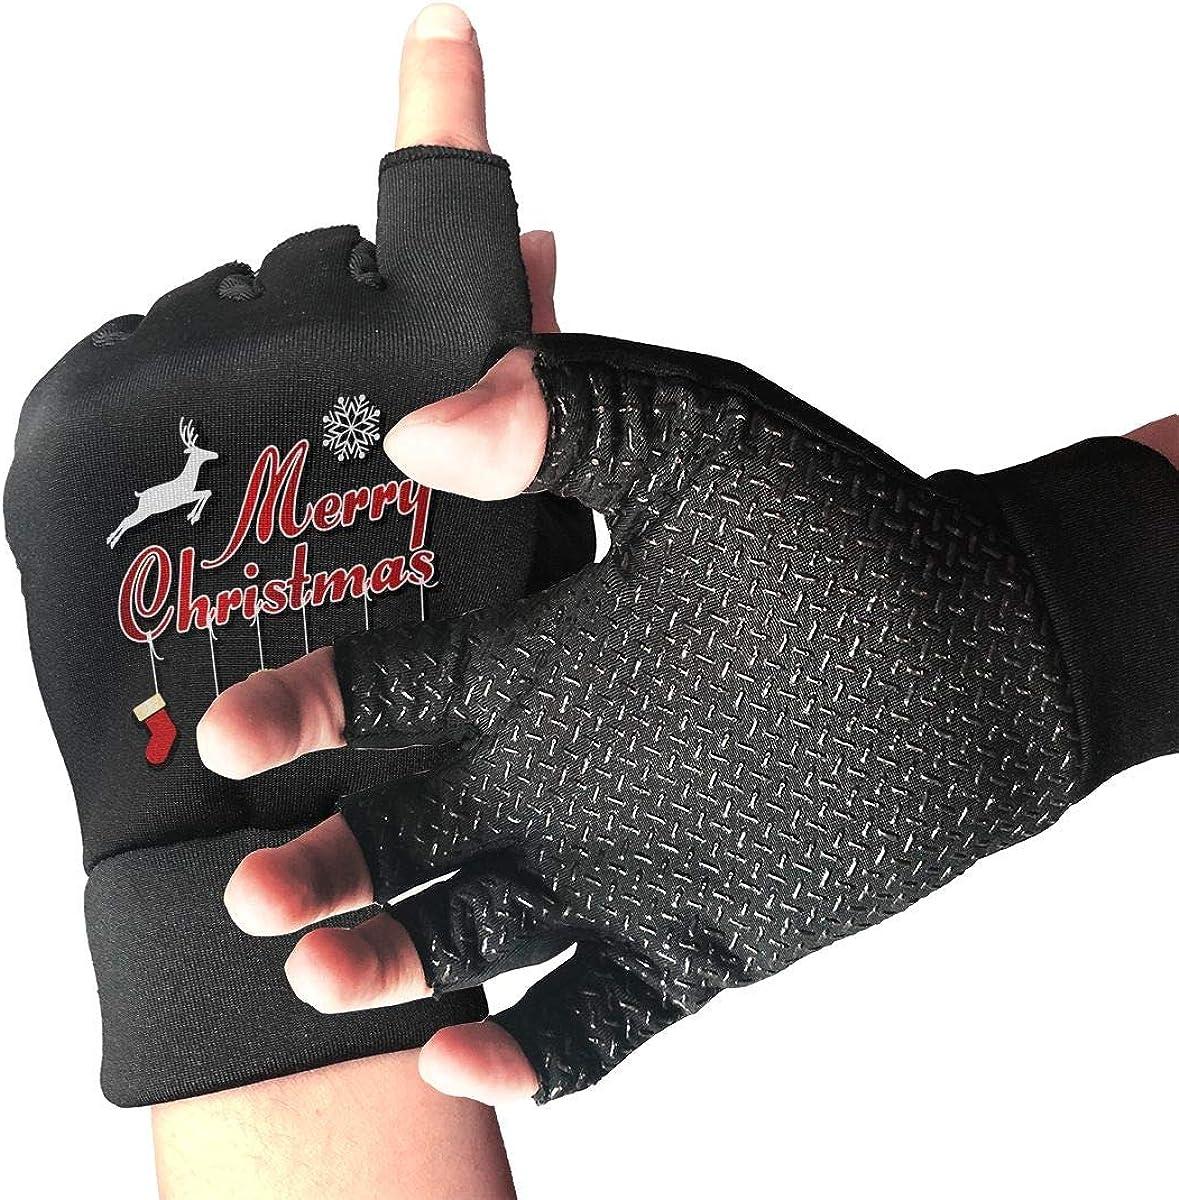 Gloves Sales for sale MERRY CHRISTMAS Shoe Short Touchscr Over item handling Fingerless Elk